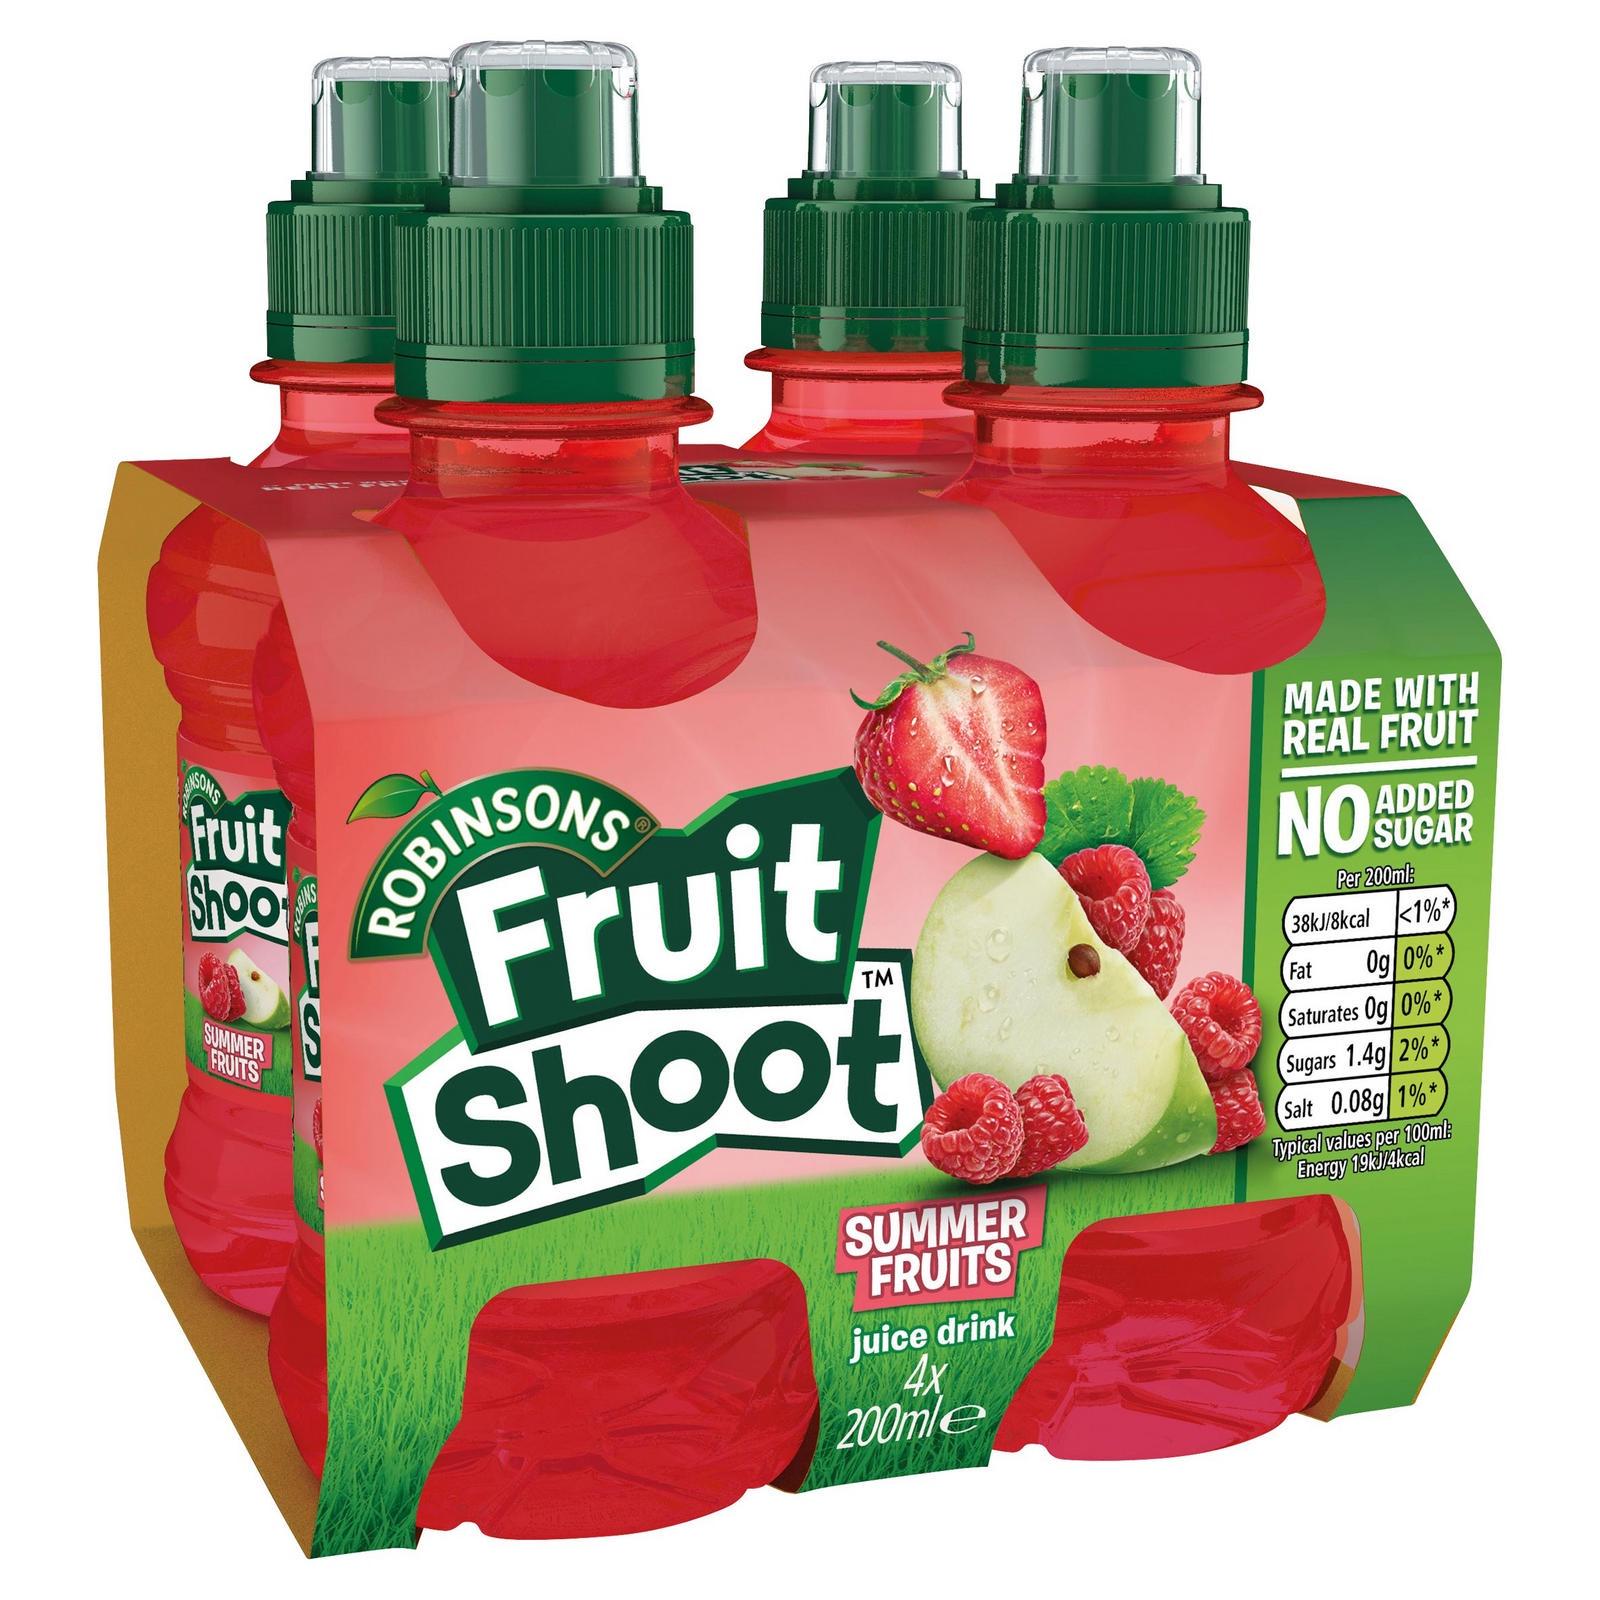 Напиток ROBINSONS FRUIT SHOOT Summer Fruits,200мл